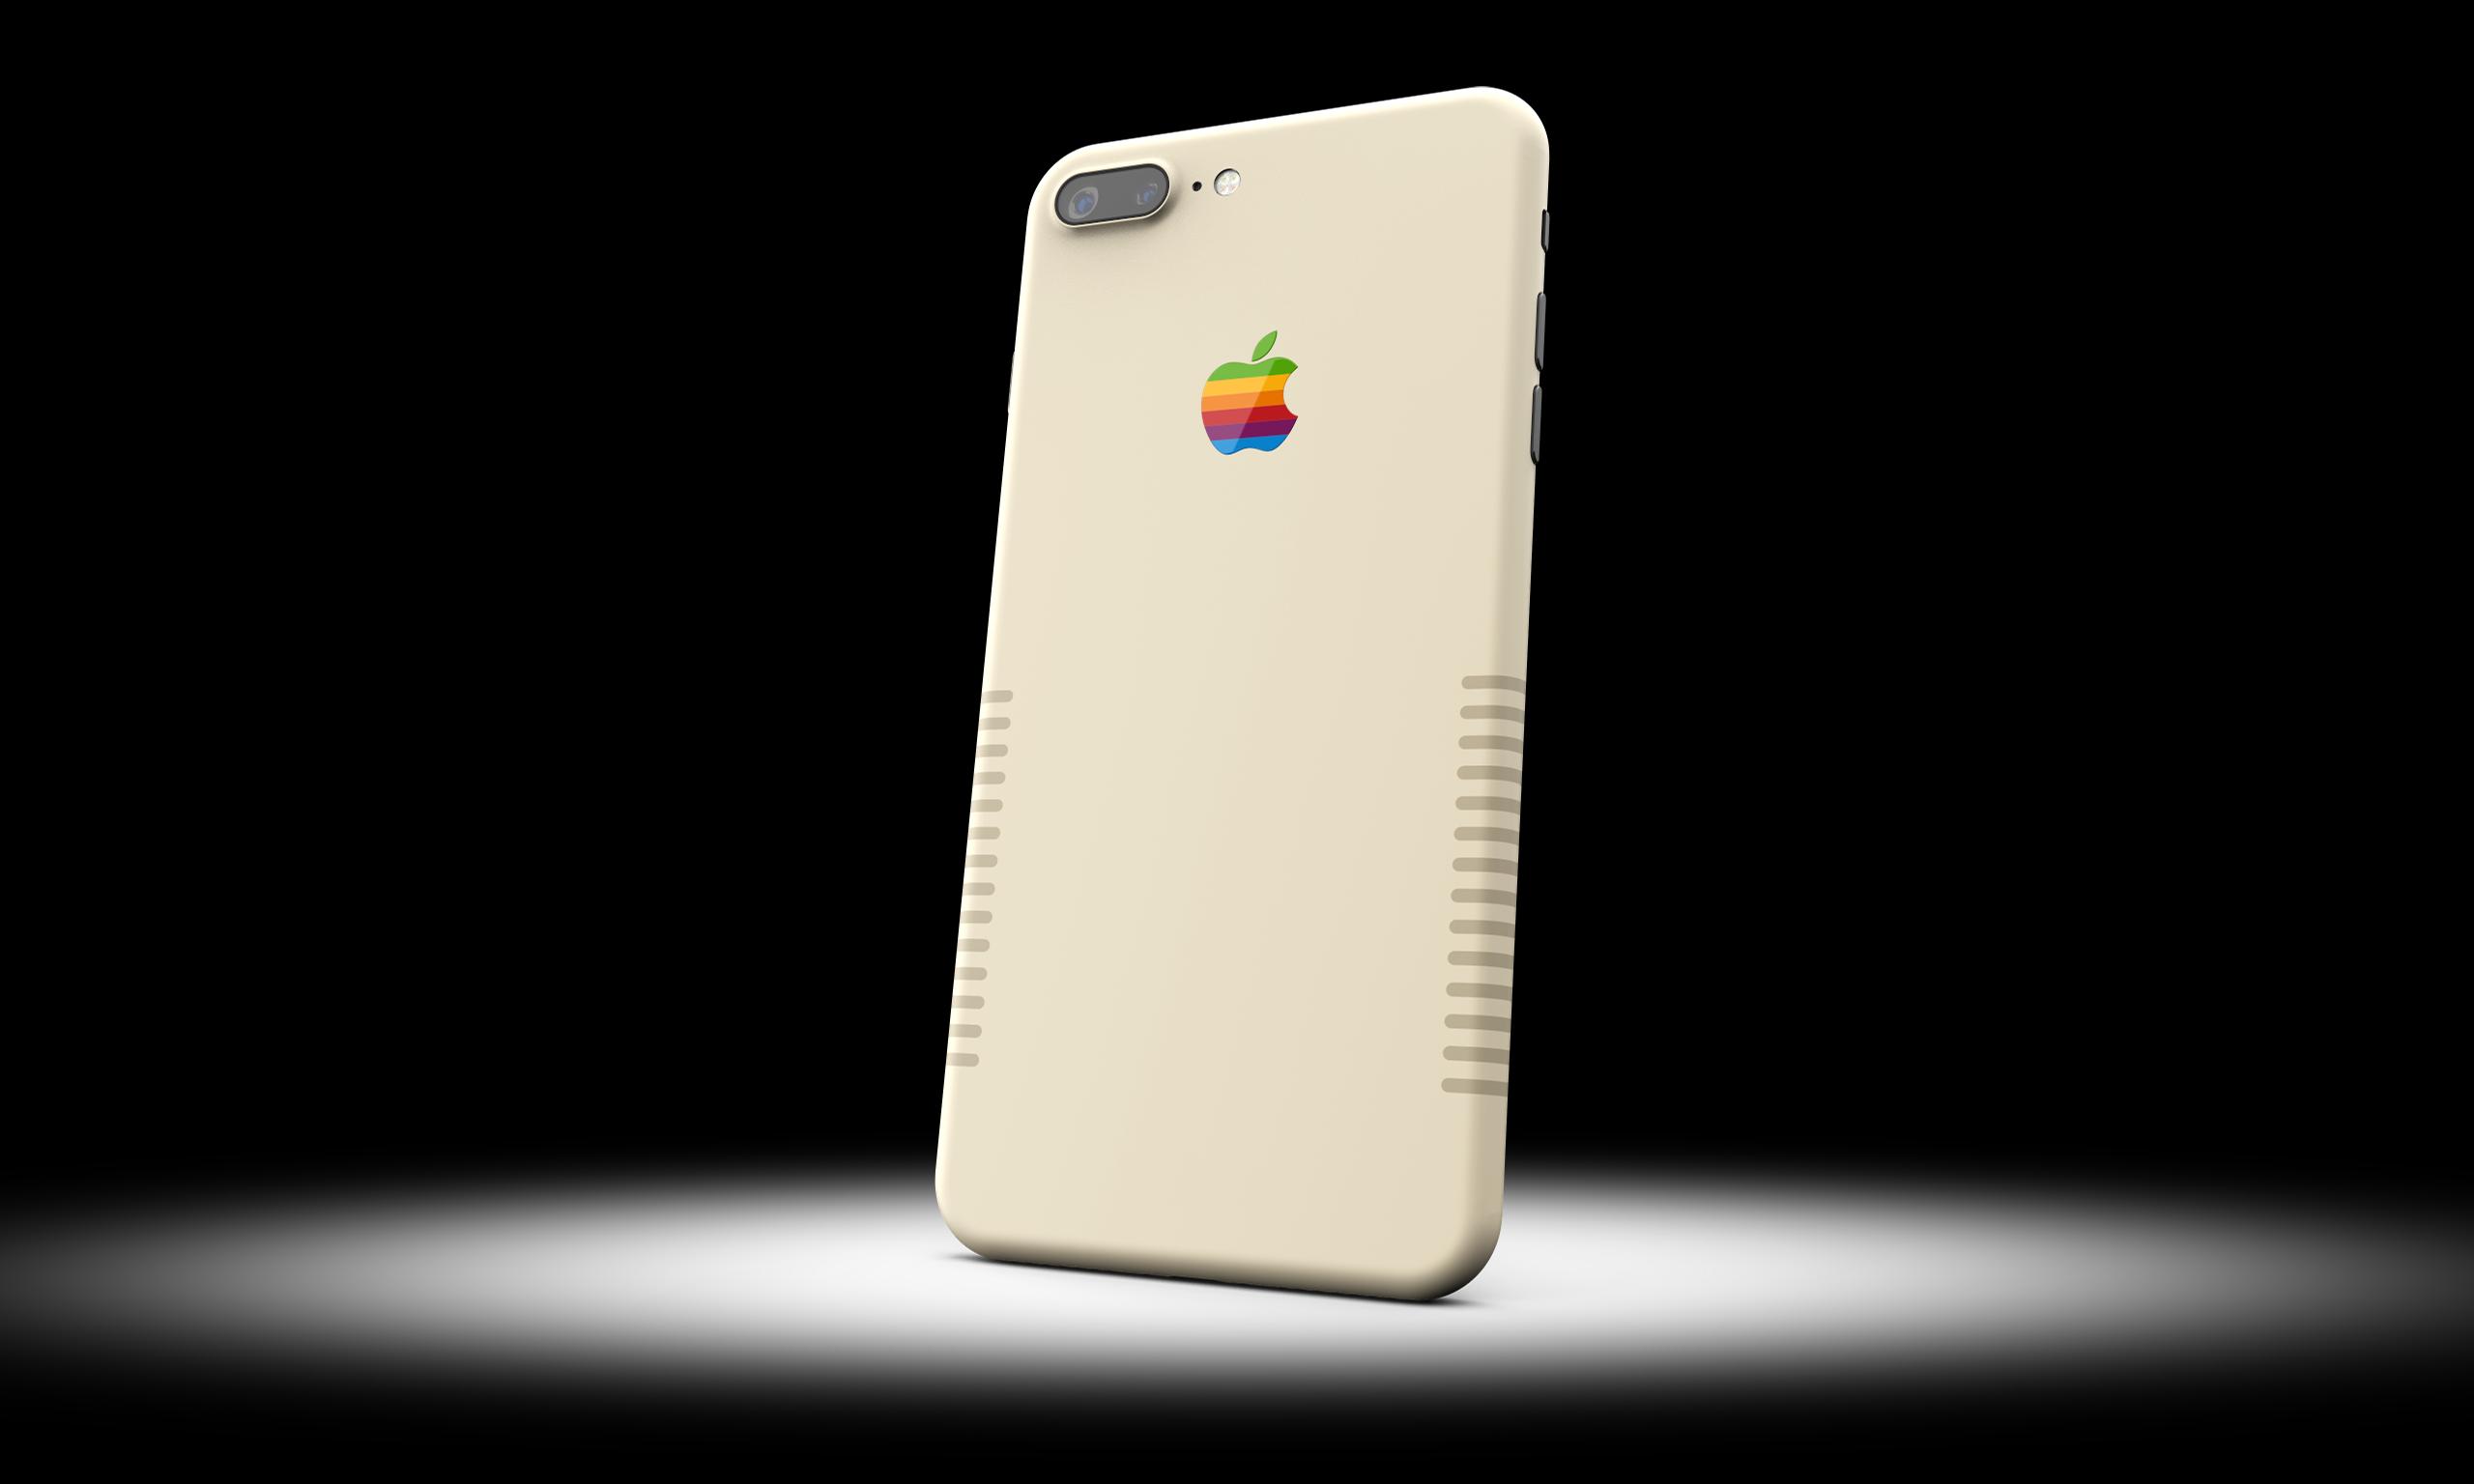 优设周报 | Android O 的自适应图标和天价复古 iPhone 7